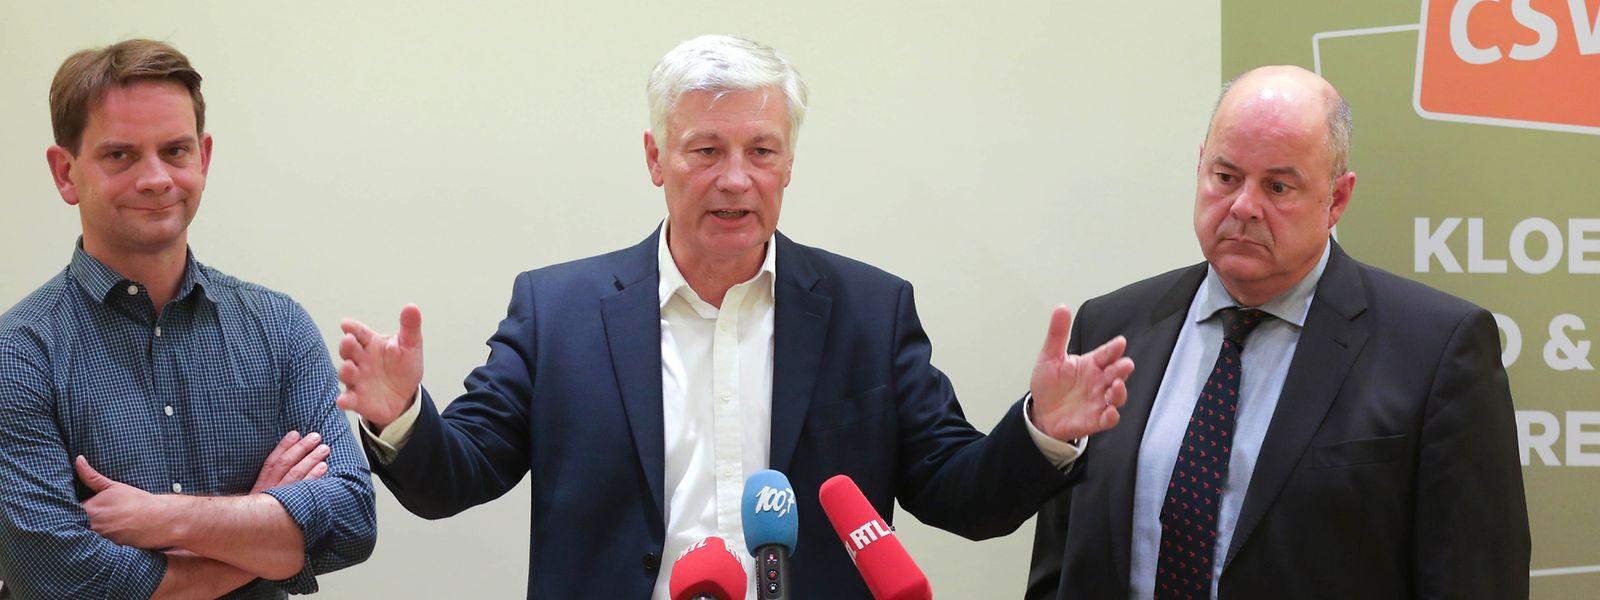 Laurent Zeimet, Claude Wiseler et Marc Spautz sont confirmés à leurs postes.